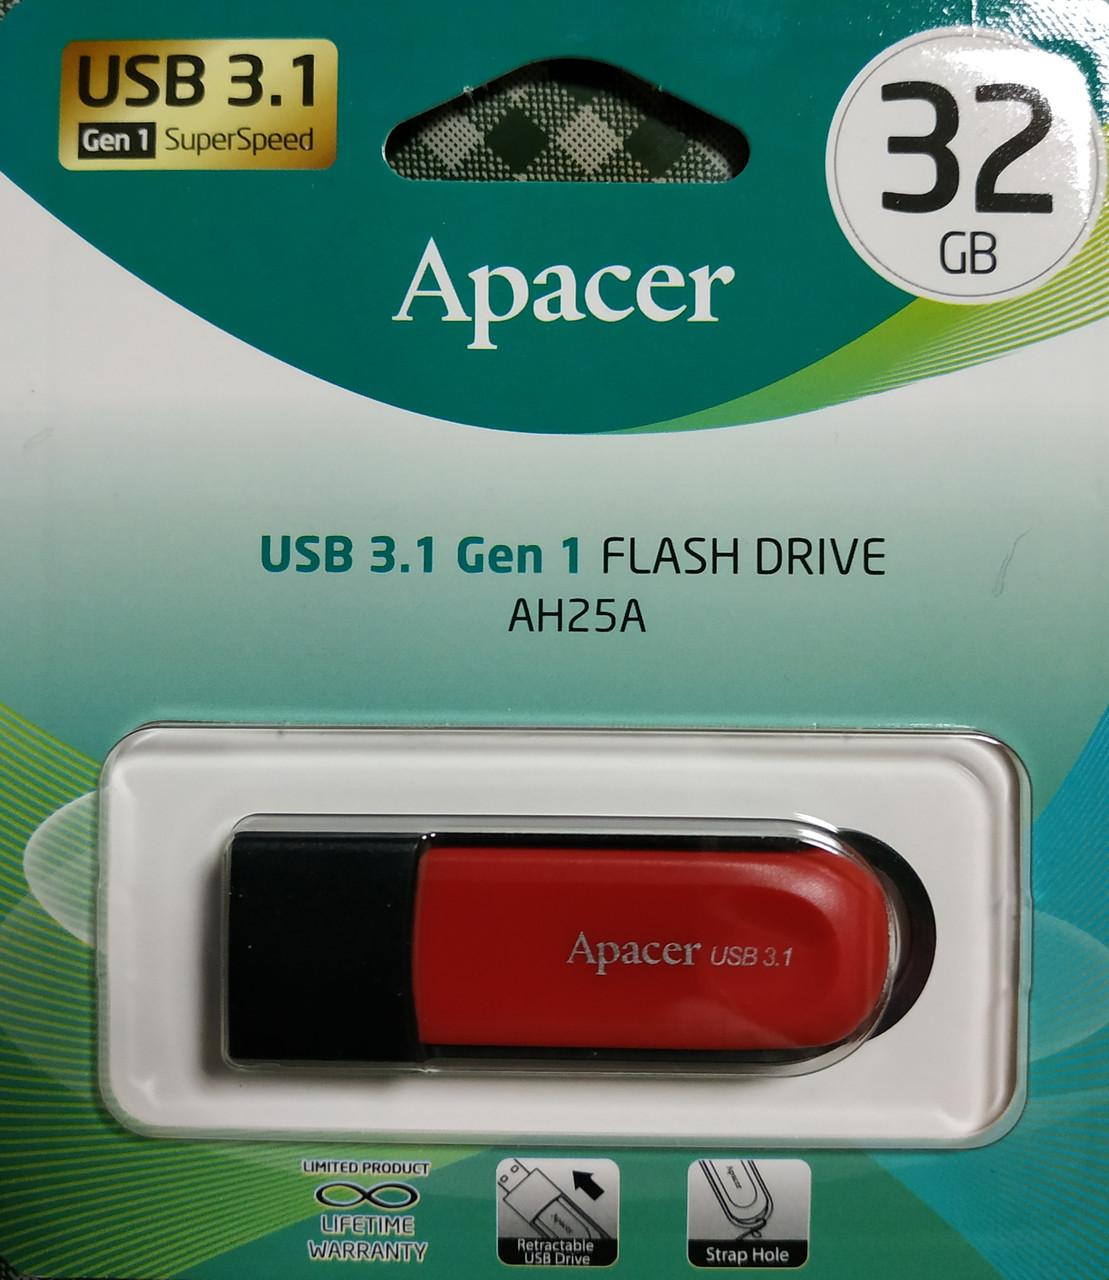 Флеш накопитель Apacer AH25A USB 3.1 Gen 1 32 гб